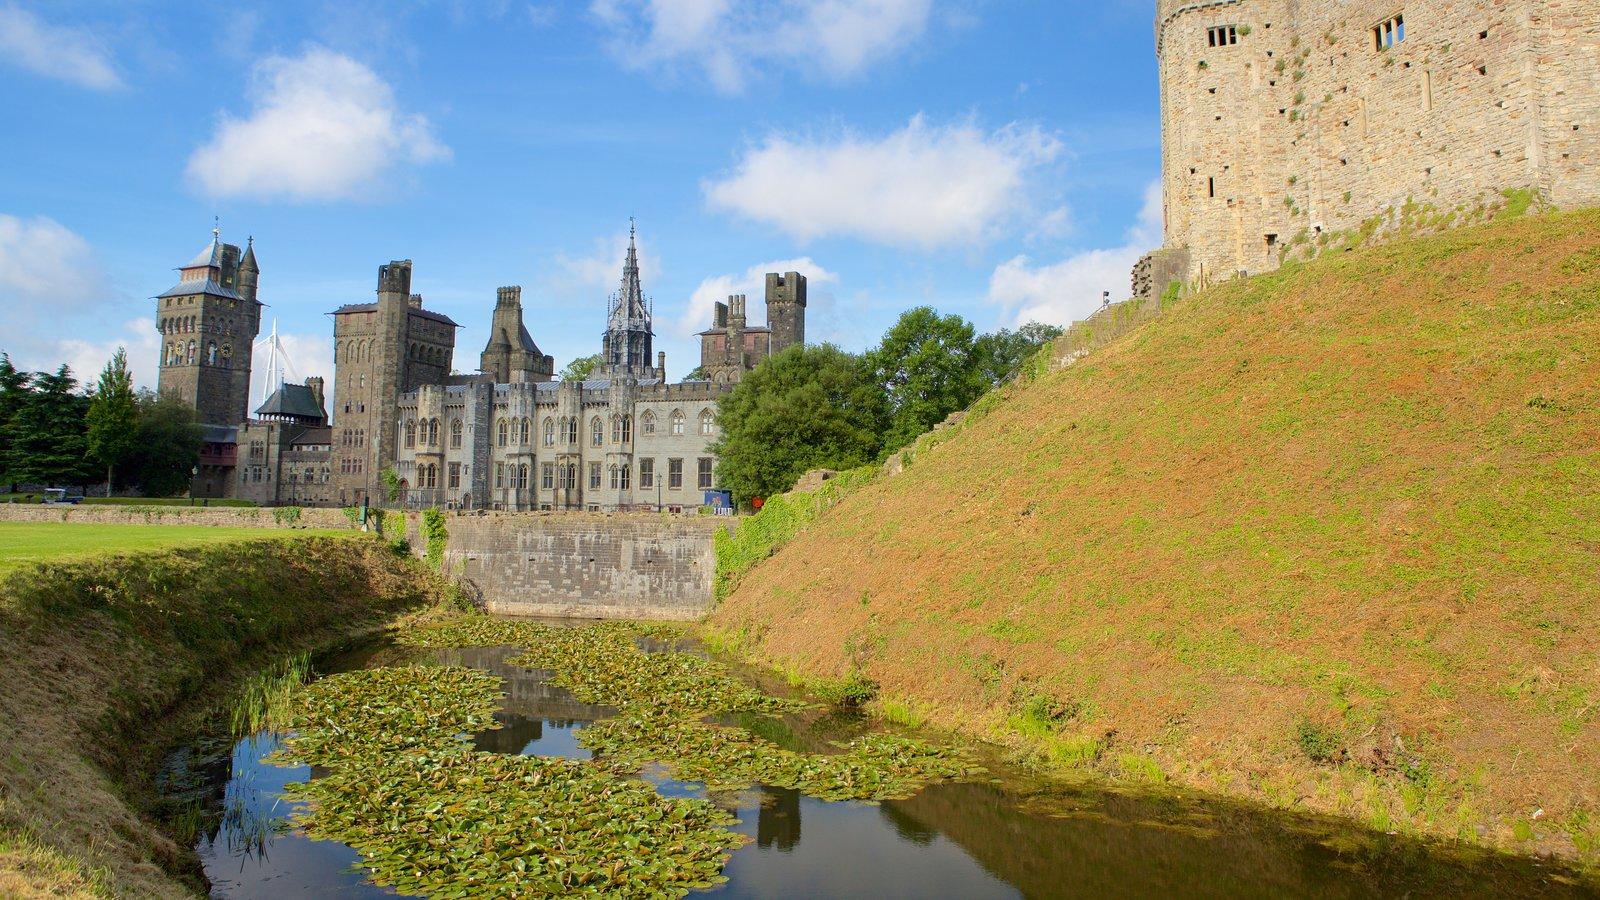 Castelo de Cardiff caracterizando um rio ou córrego, arquitetura de patrimônio e elementos de patrimônio